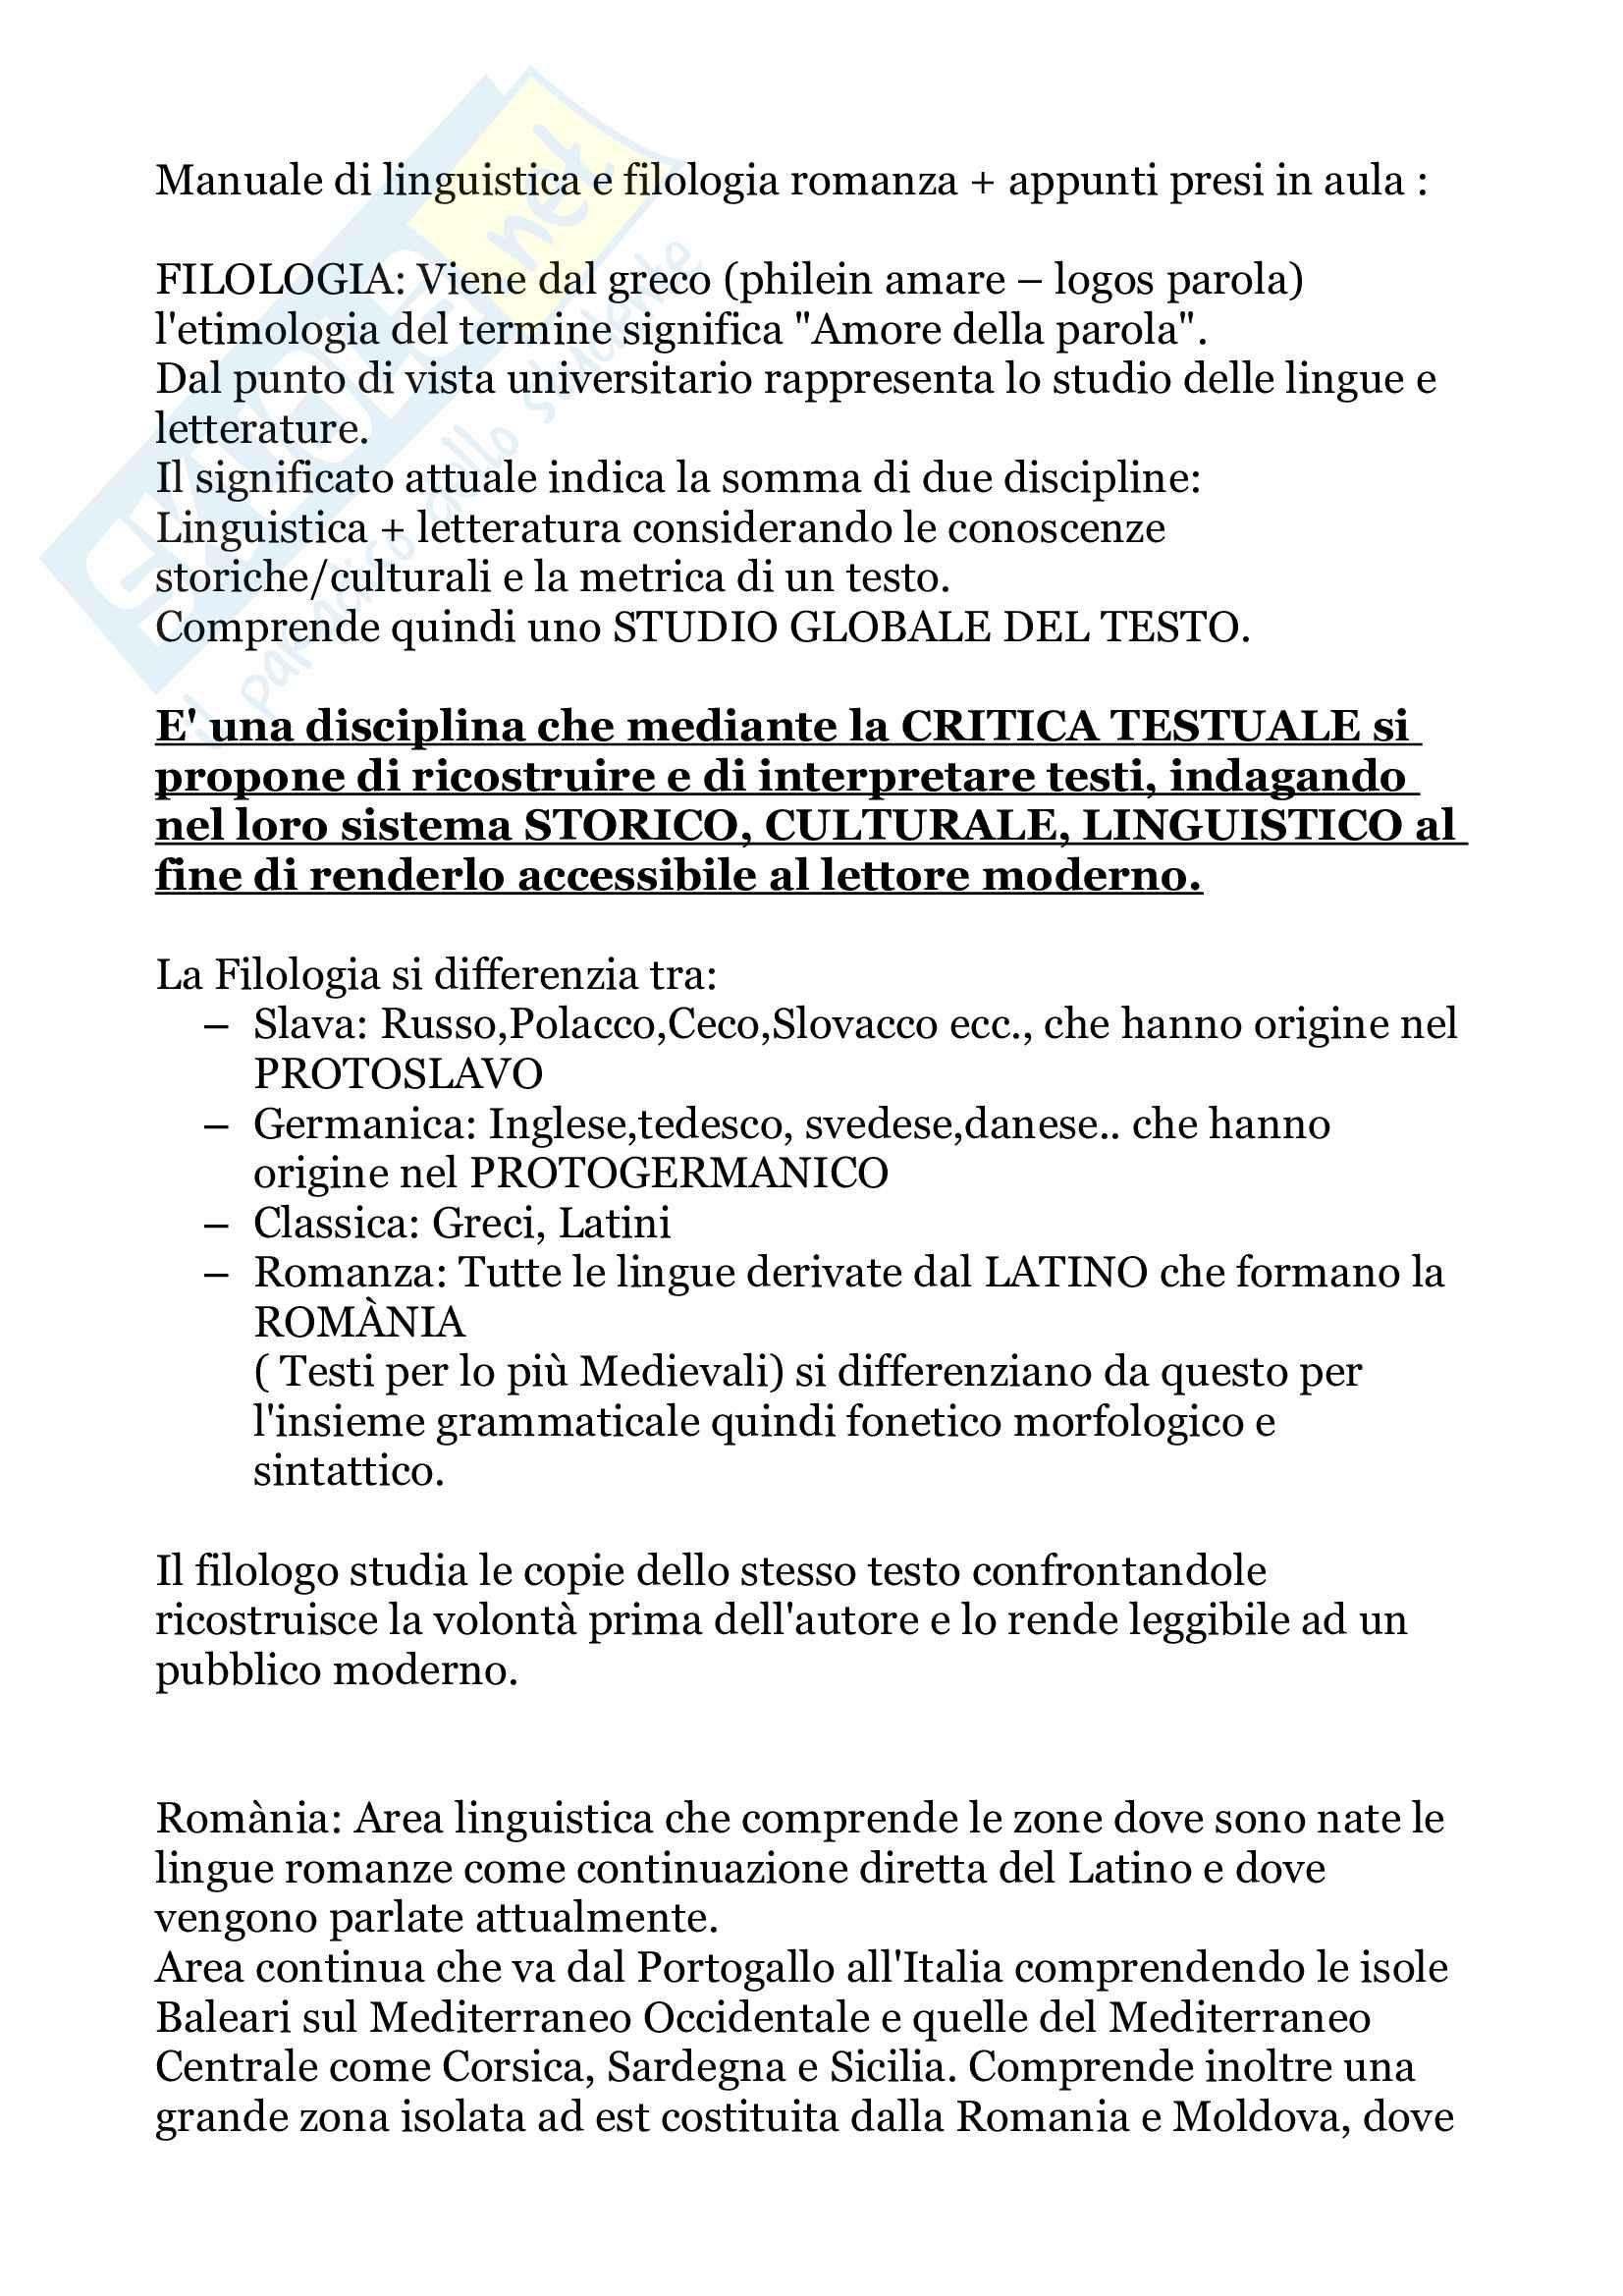 Filologia Romanza - Riassunto modulo A, prof. Marinetti (dettagliato)